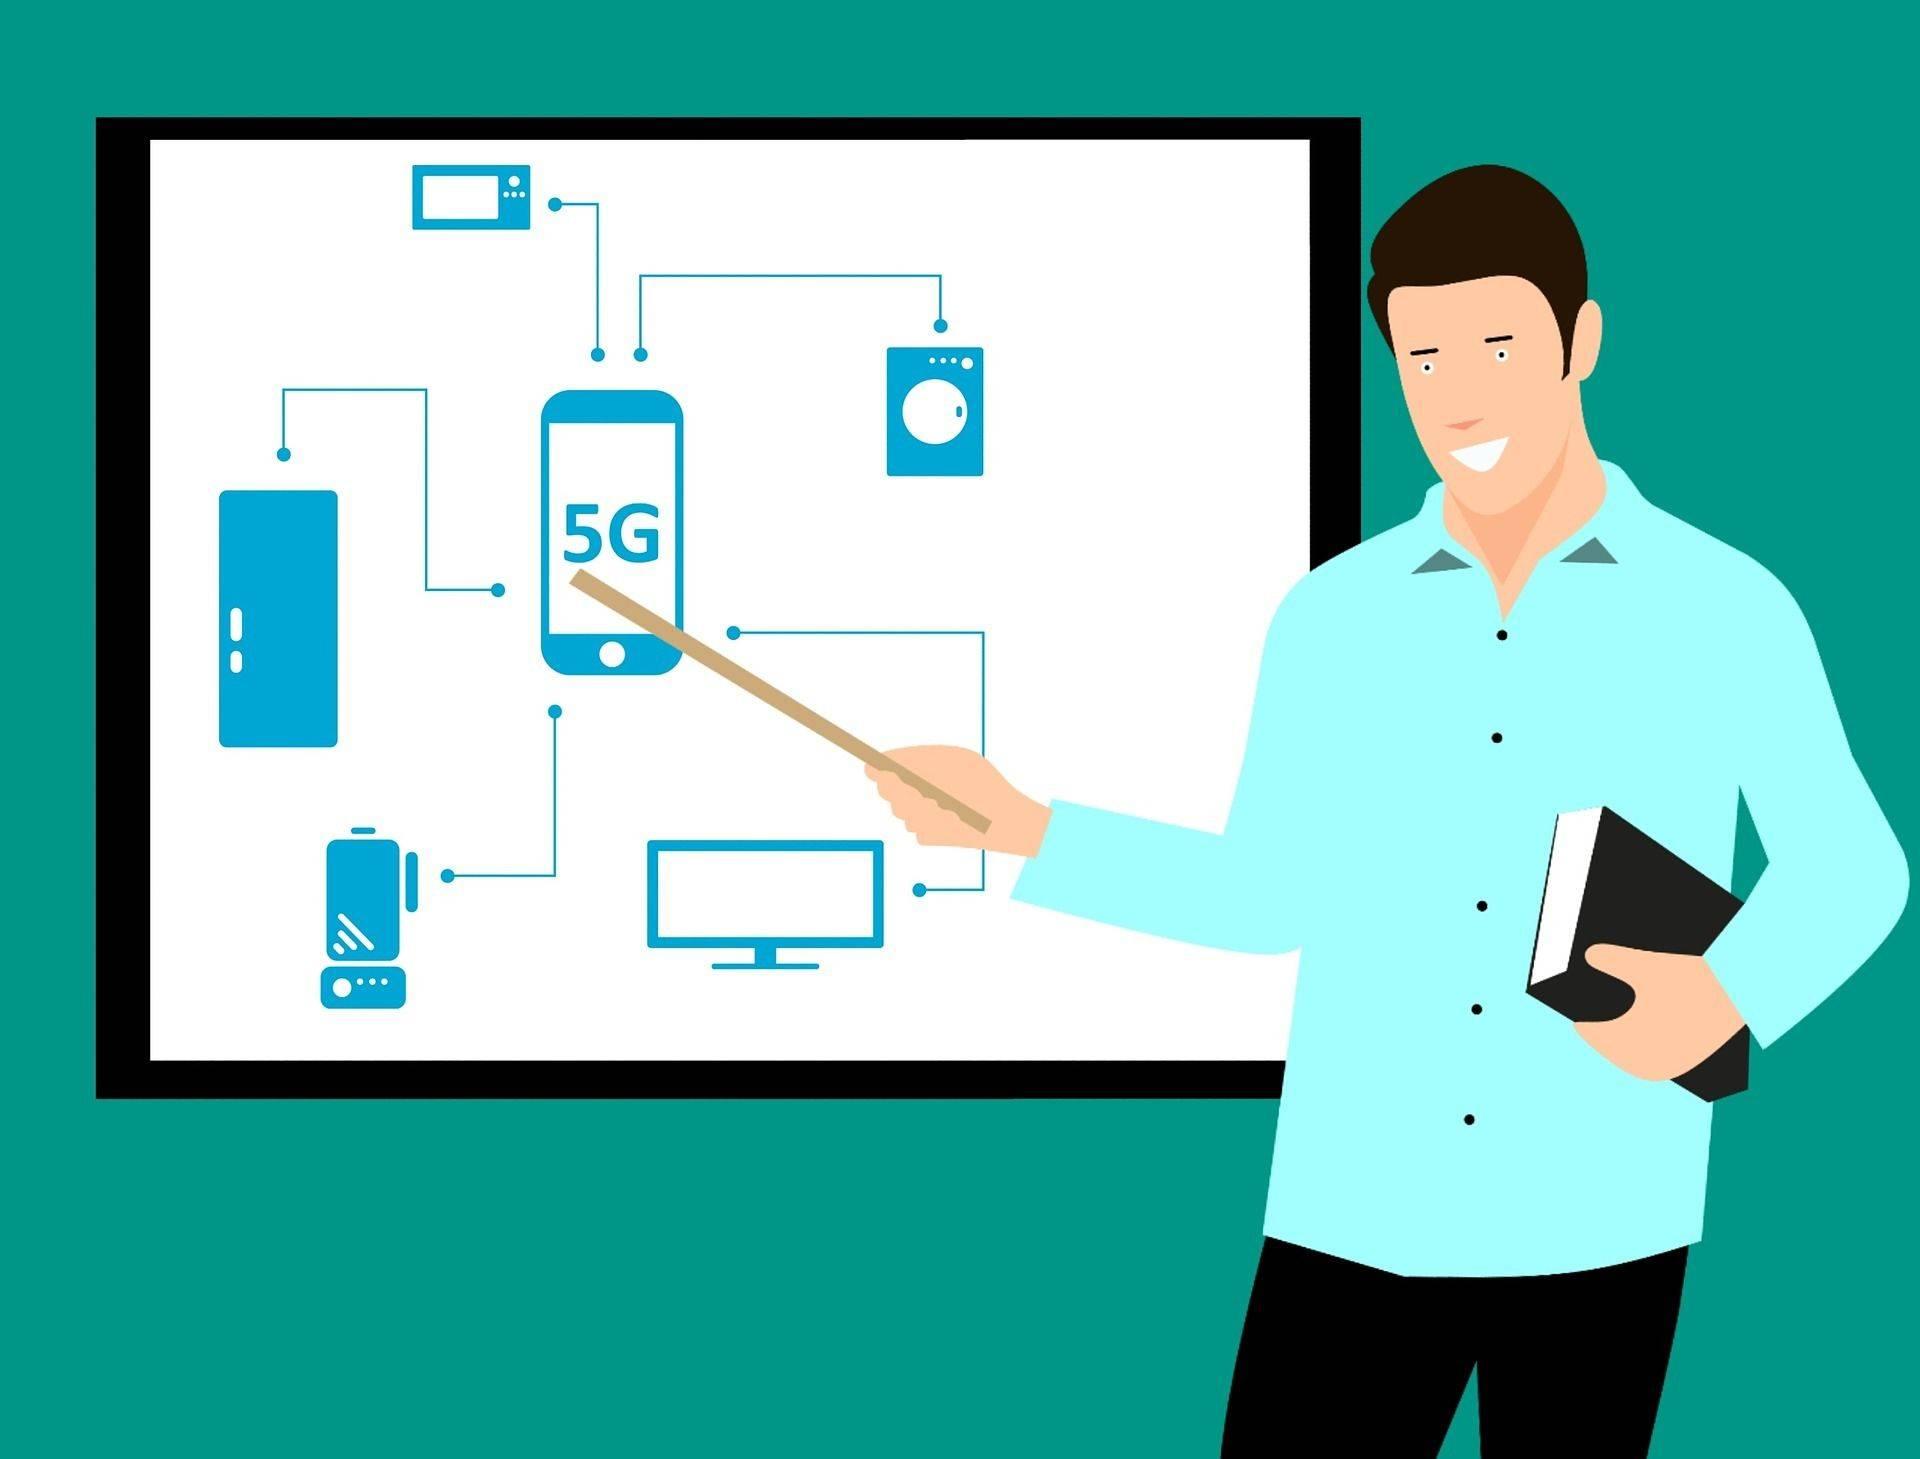 5G时代我们的数字生活将发生什么变化